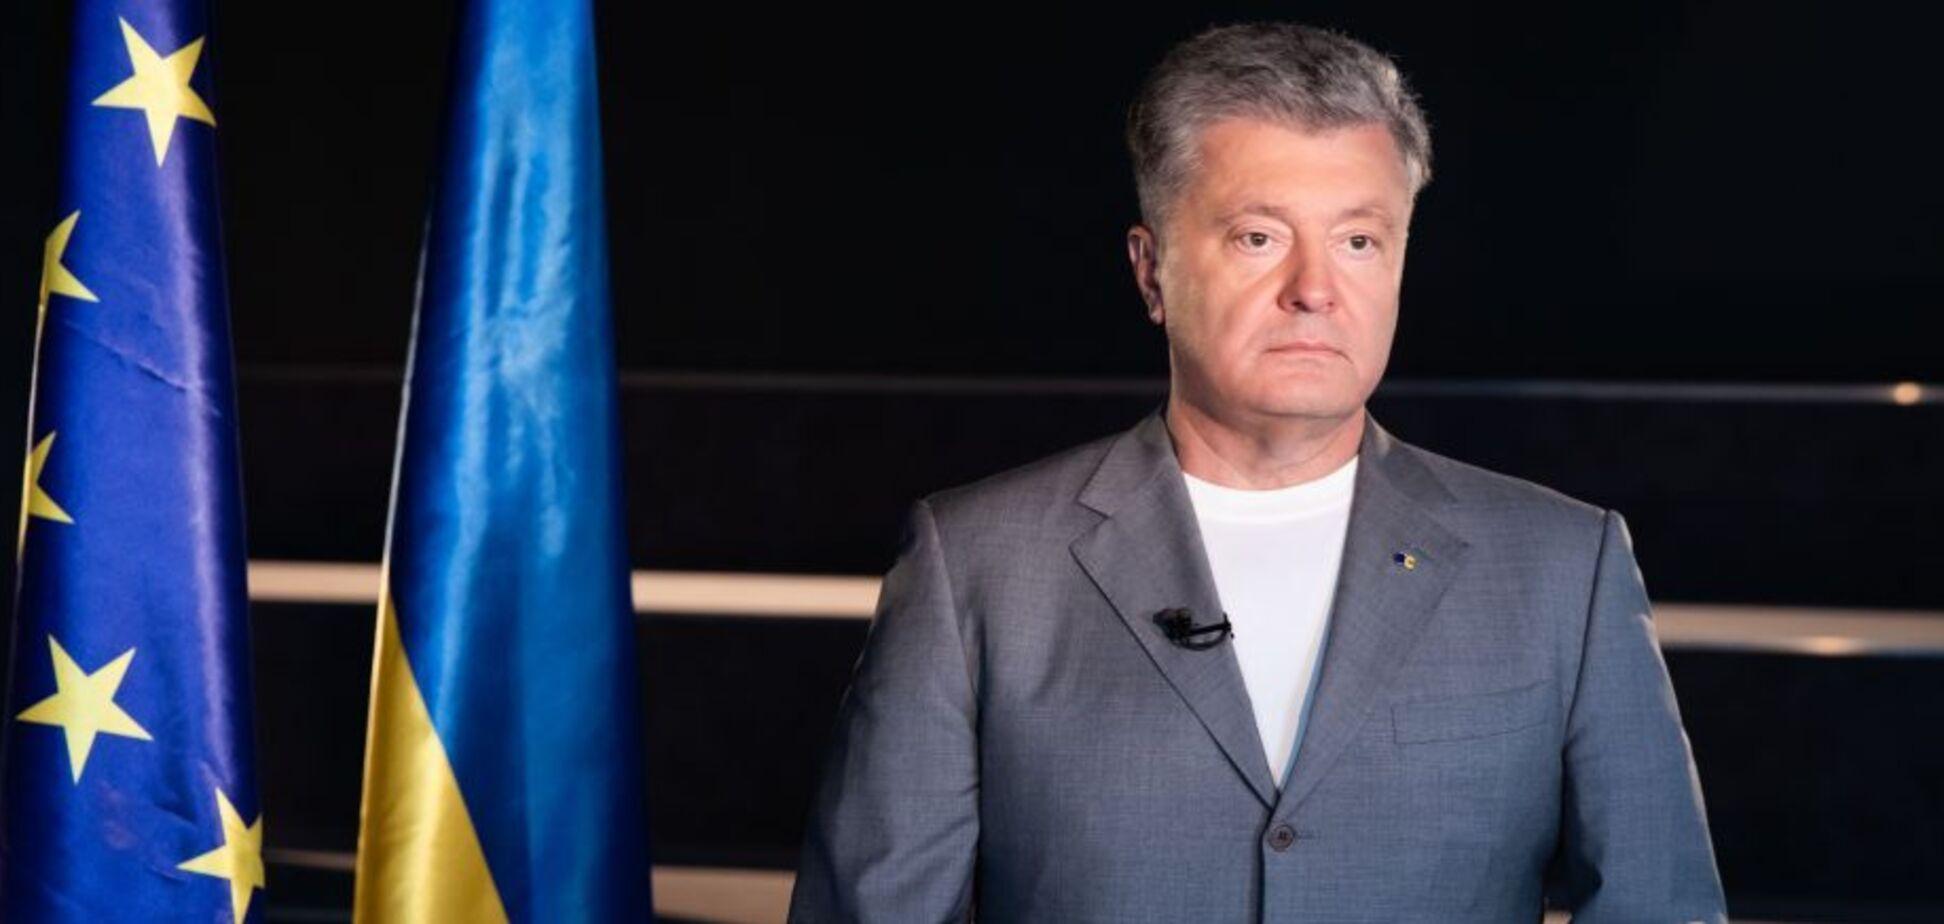 Порошенко призвал официально внести 'вагнергейт' в повестку дня ВСК